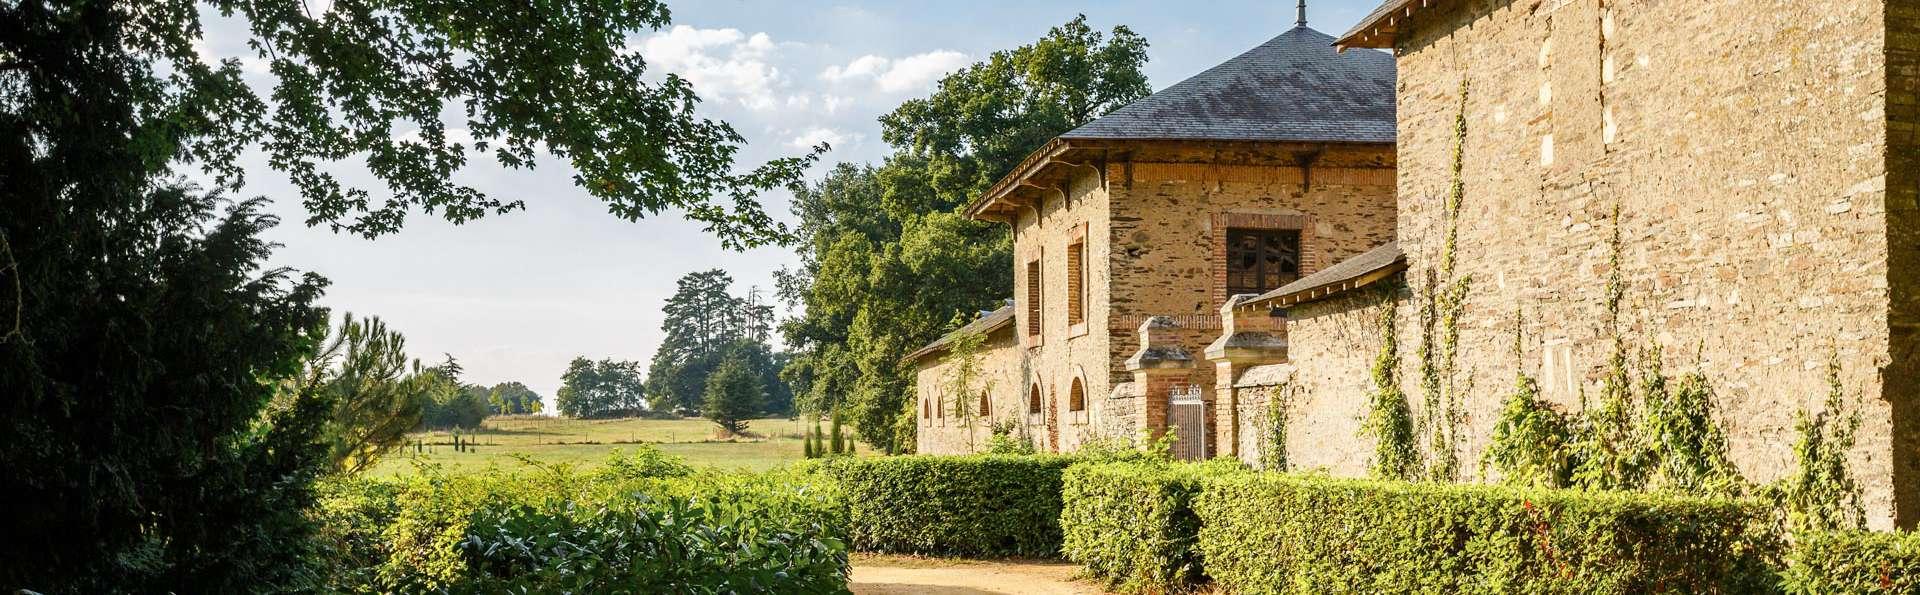 Week-end de charme dans un château près d'Angers